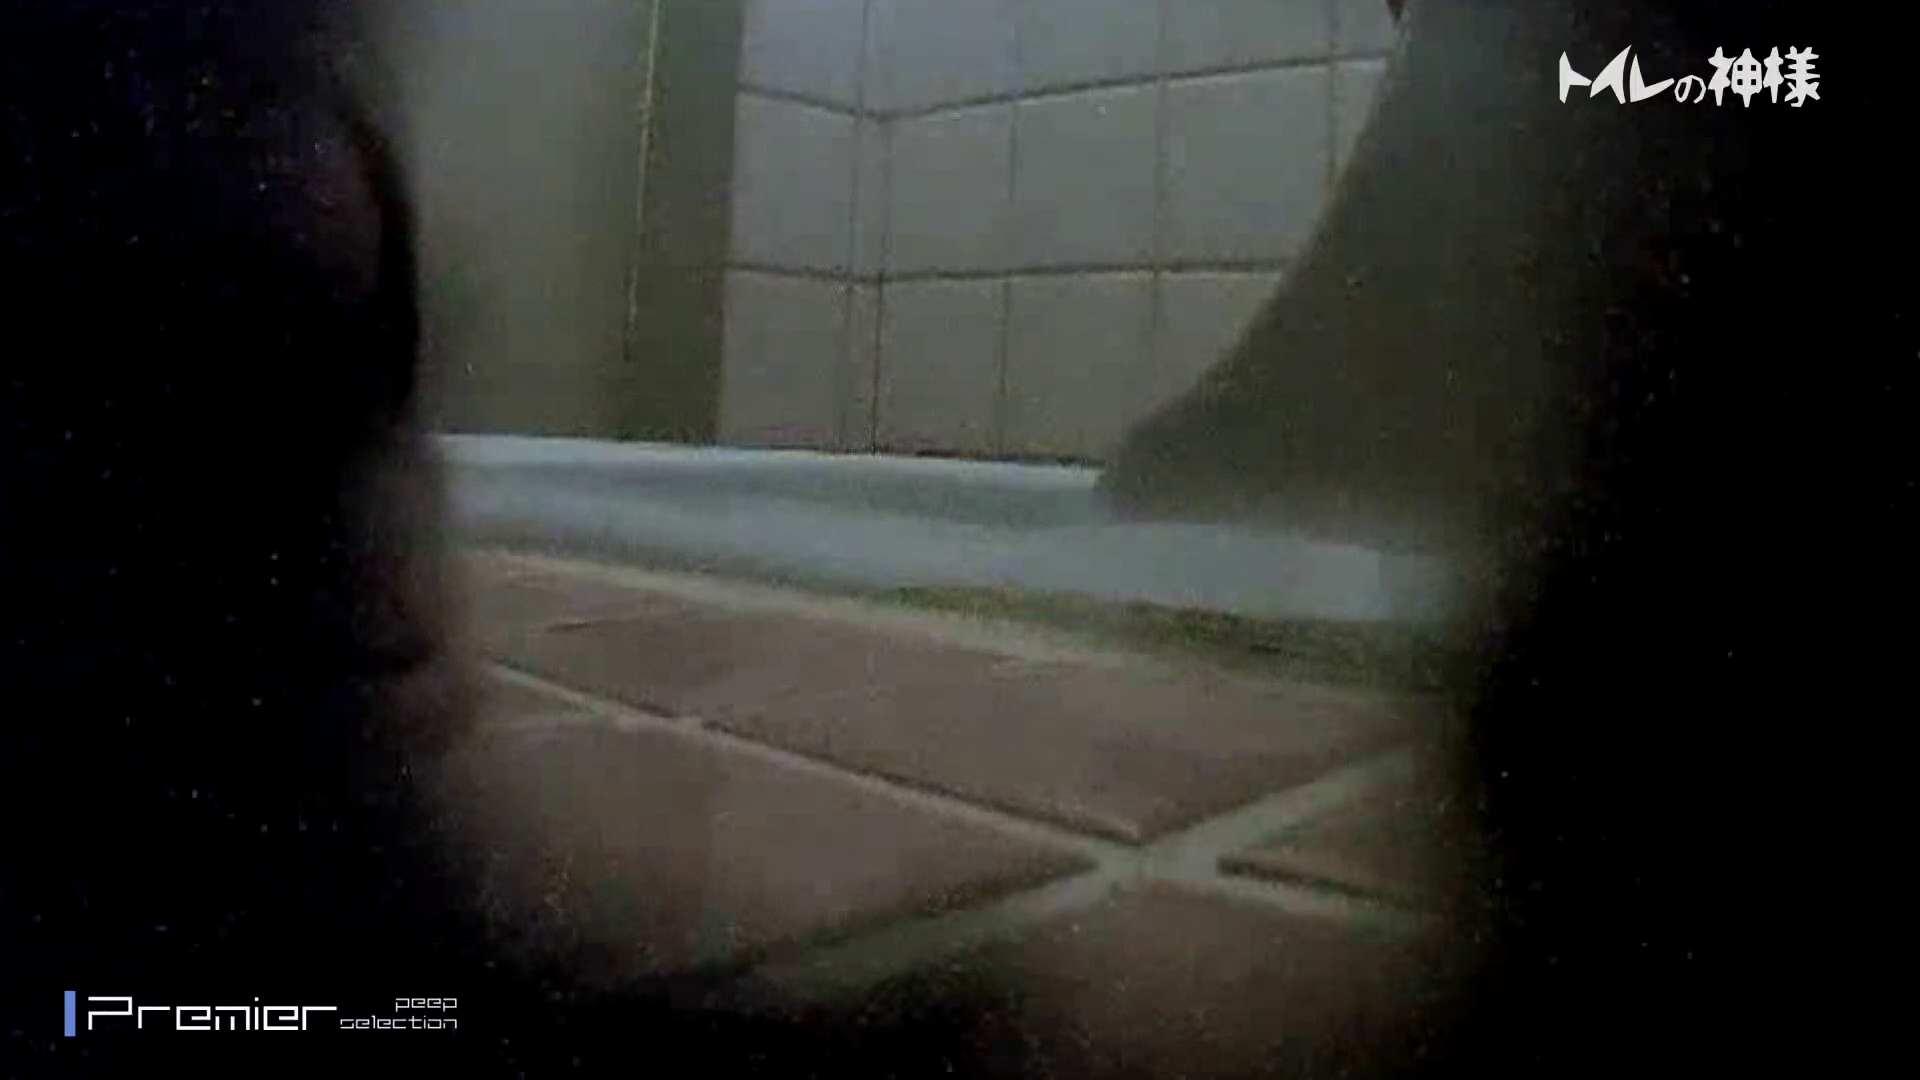 kyouko排泄 うんこをたくさん集めました。トイレの神様 Vol.14 ギャル達 AV無料動画キャプチャ 92枚 62